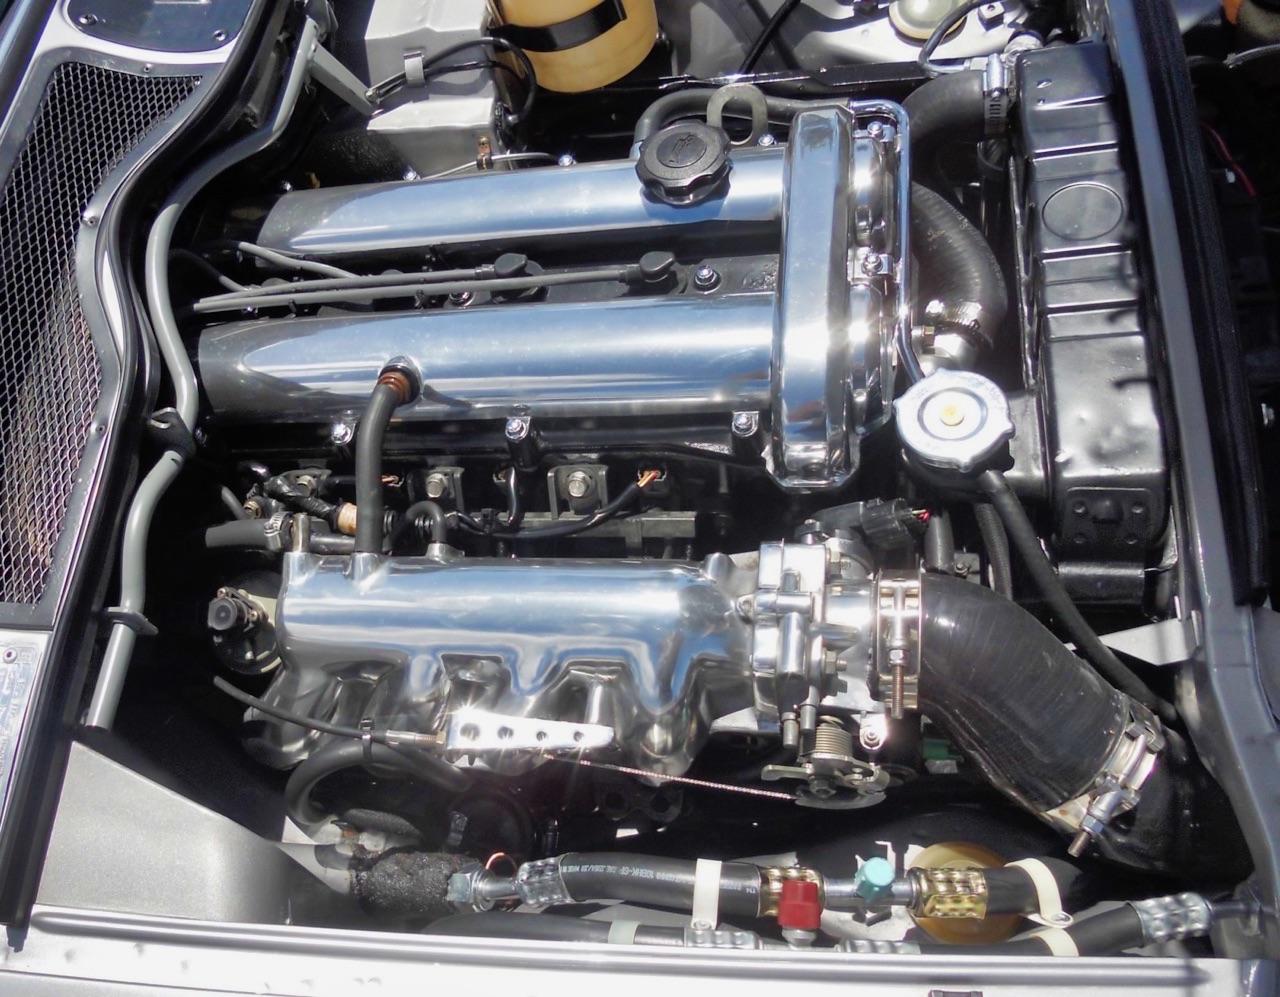 '72 Opel GT... 1.8l Turbo ! Enfin un moteur digne de sa gueule... 9